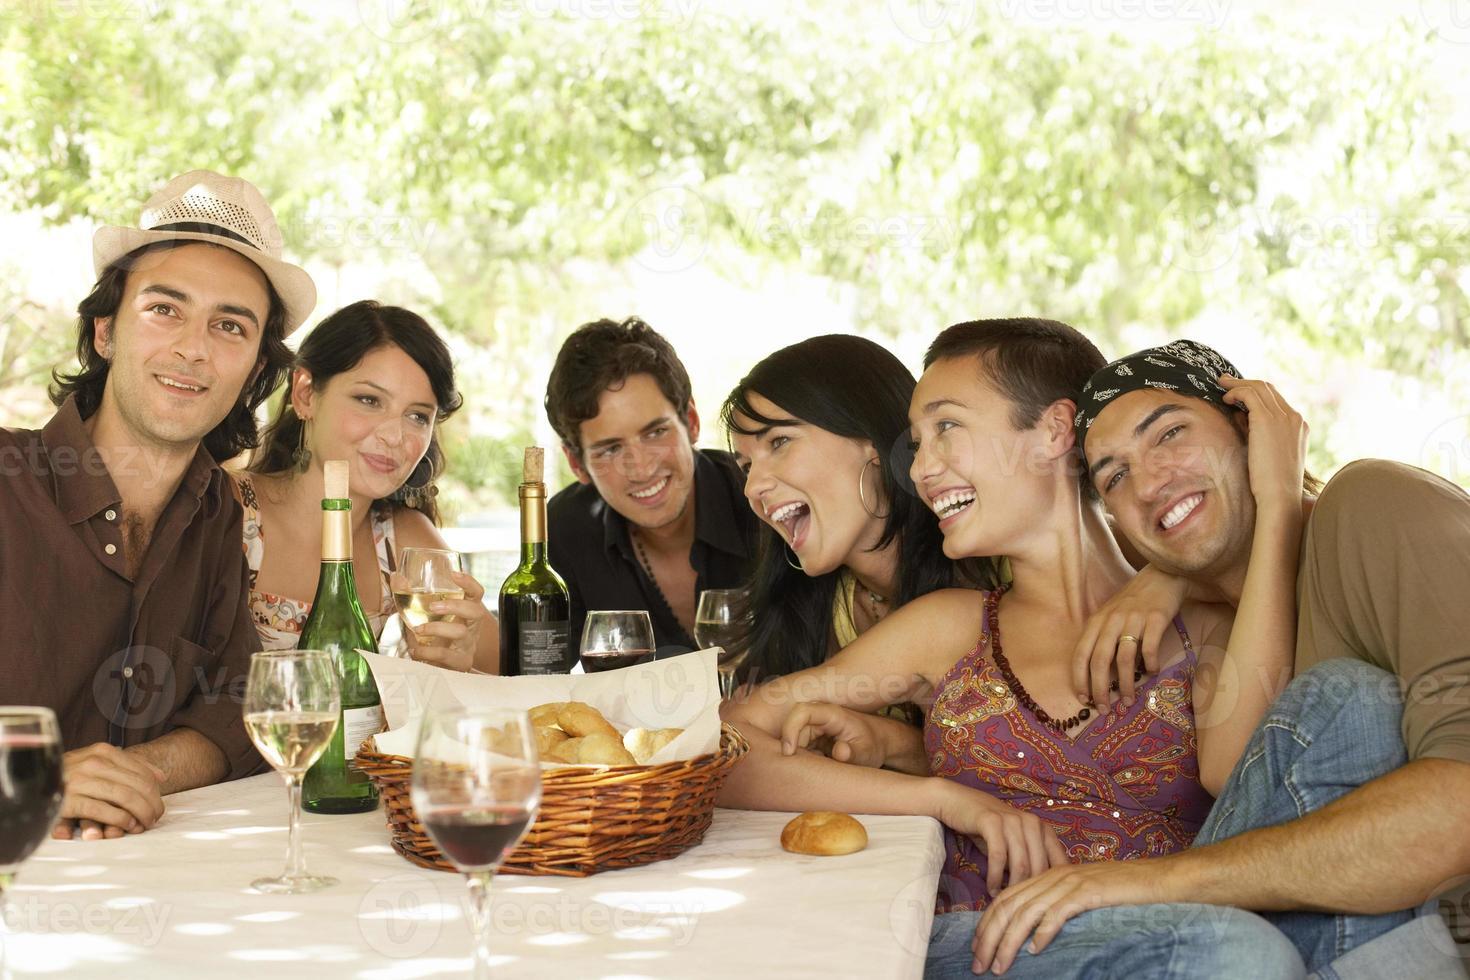 vrienden met drankjes en broodmand aan tafel genieten van partij foto